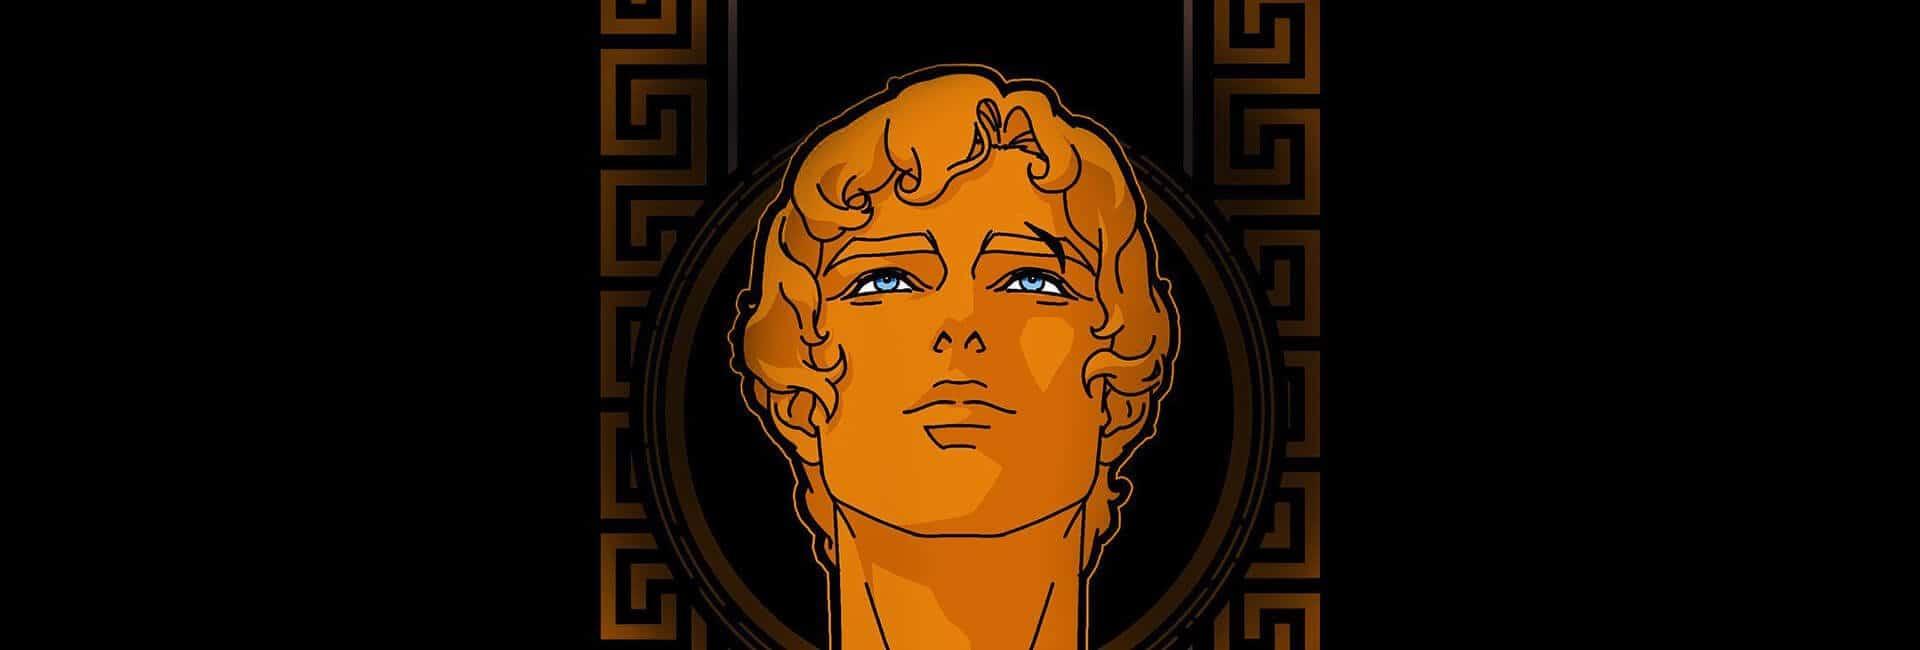 Poster de blood of zeus com personagem ao centro em um estilo grego, laranja com olhos azuis bem caracterizado e com runas atrás como das colunas gregas